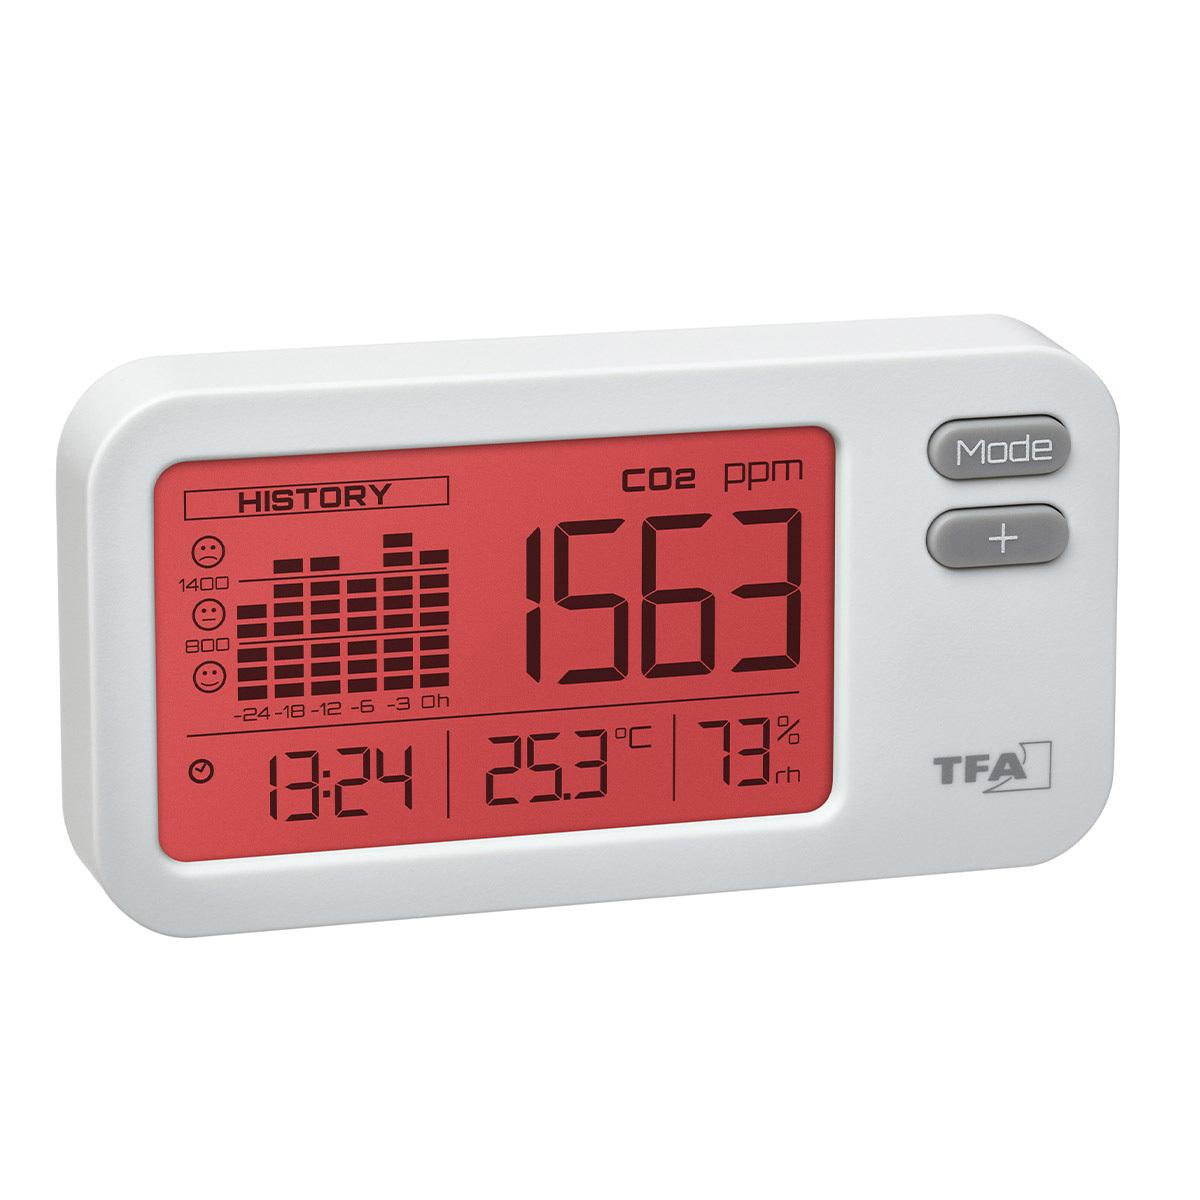 31-5009-02-co2-monitor-airco2ntrol-coach2-1200x1200px.jpg